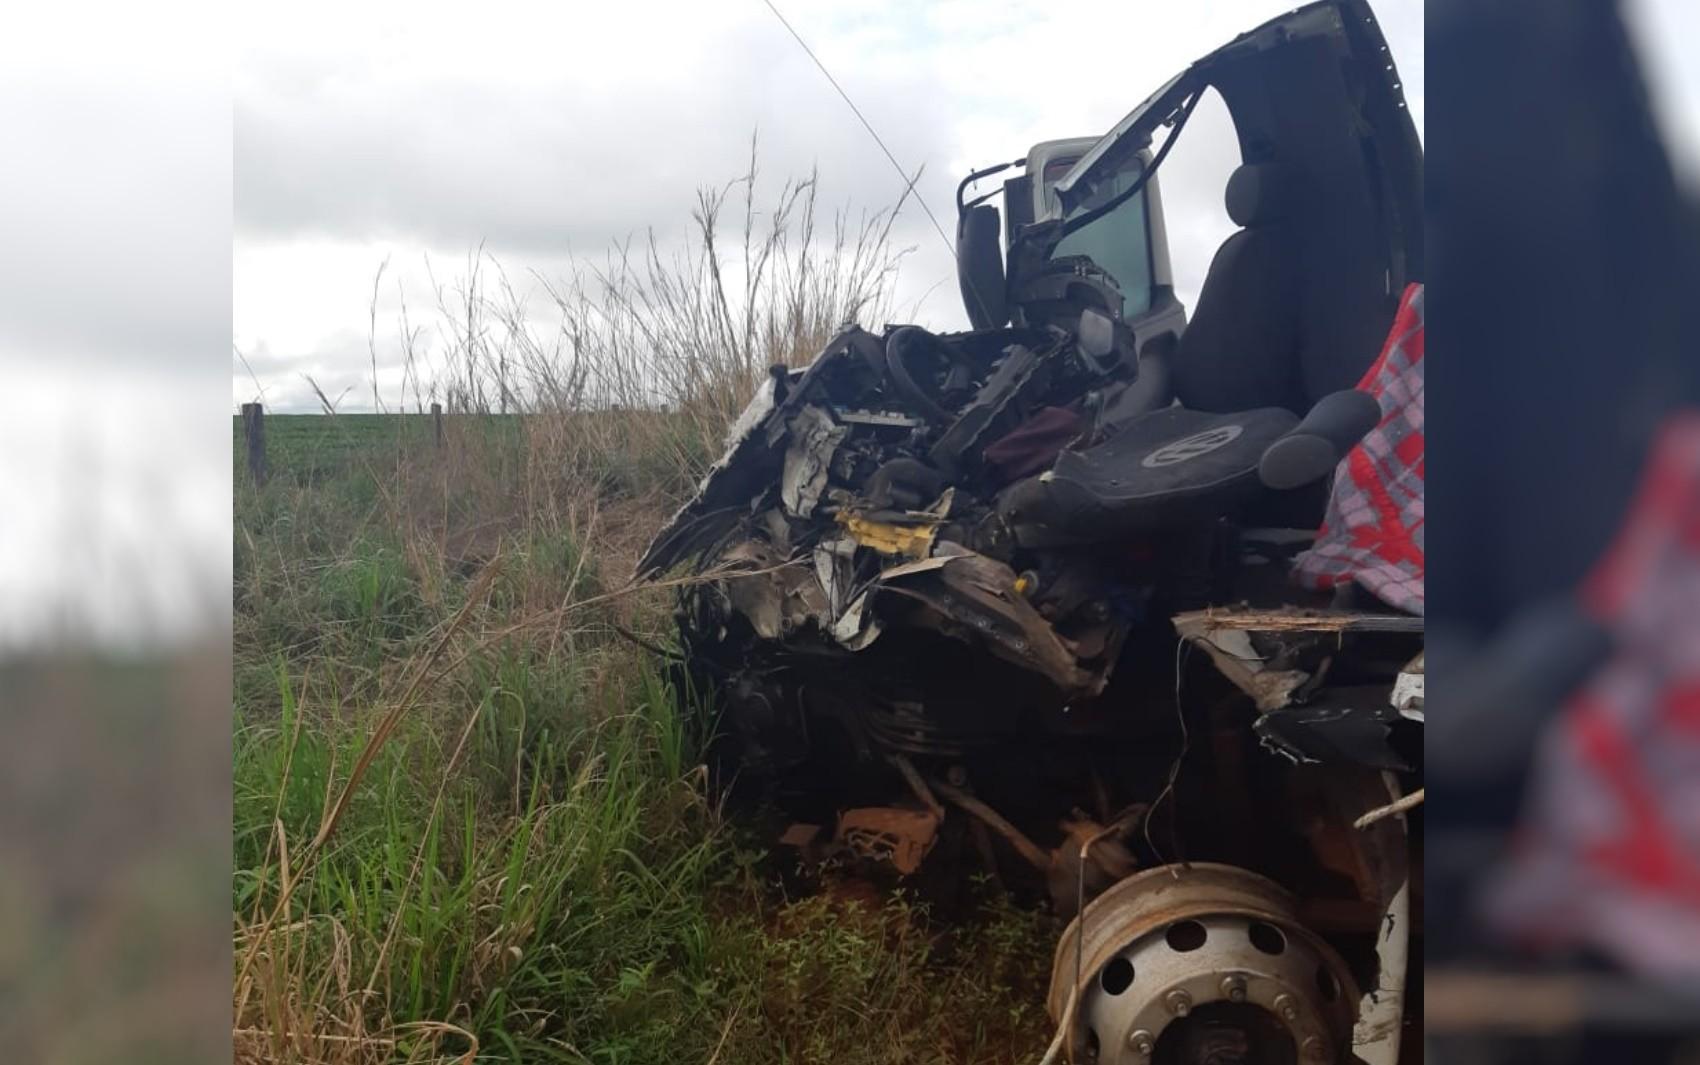 Motorista morre em acidente que deixou caminhão destruído na BR-158, em Jataí